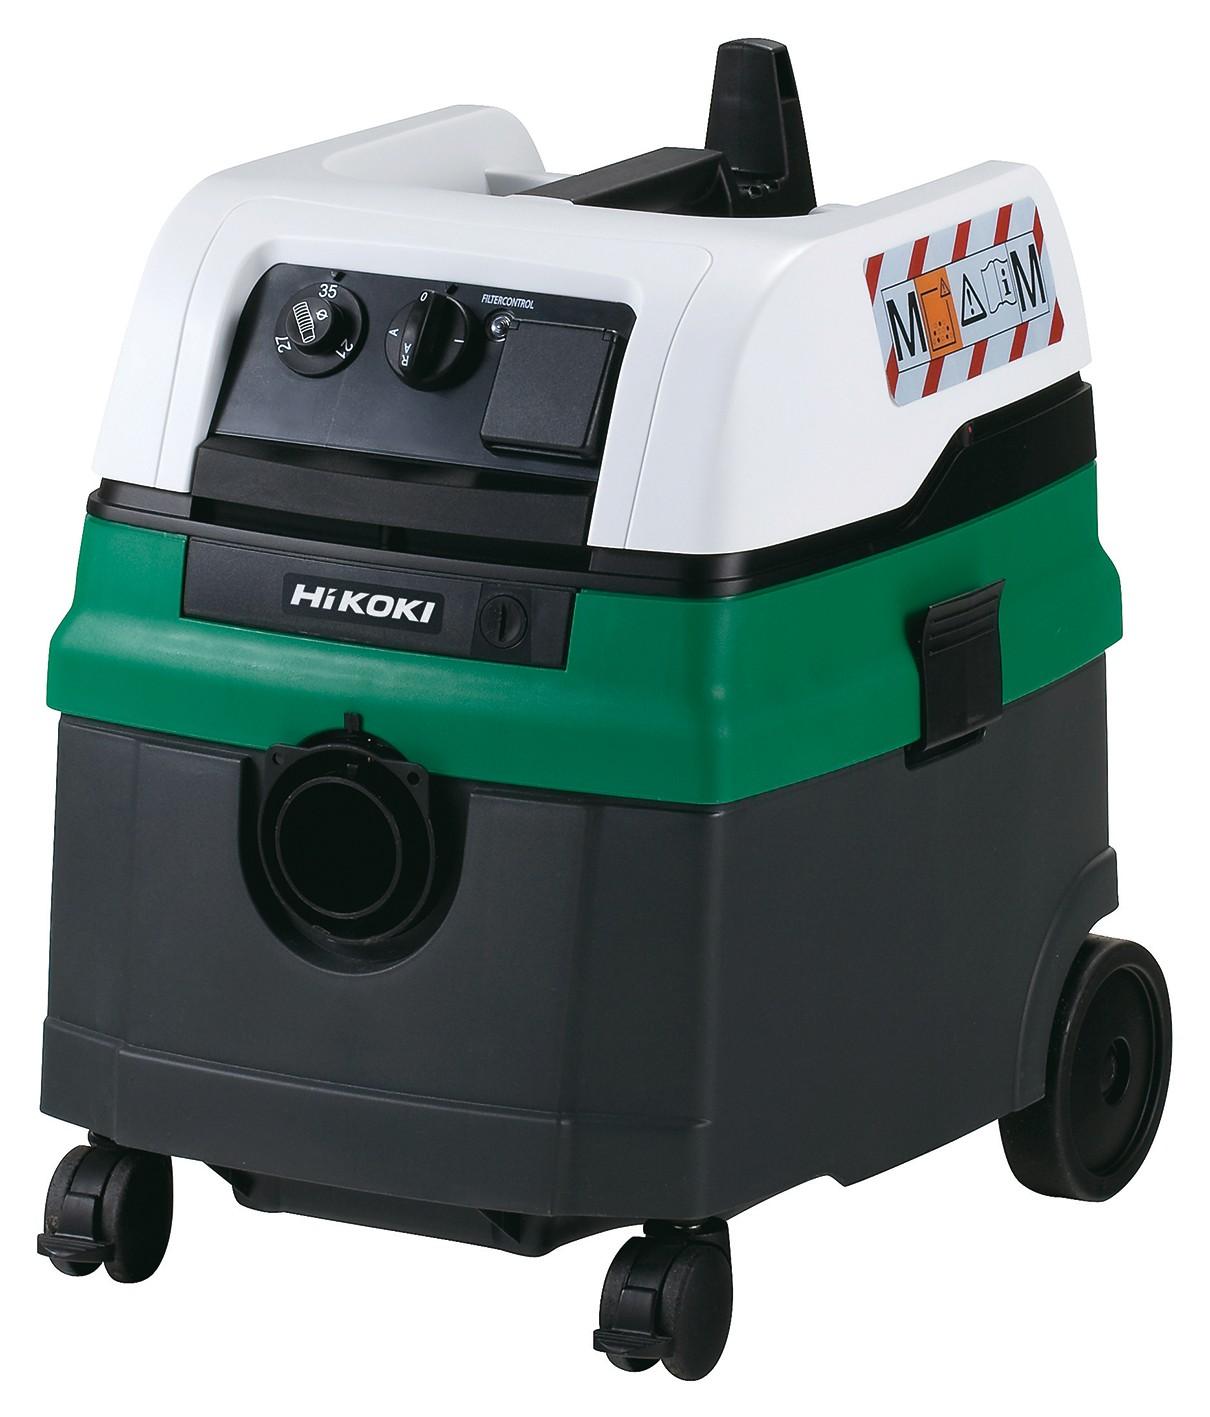 Aspirateur 25 litres - 1200 W - Eau et poussières